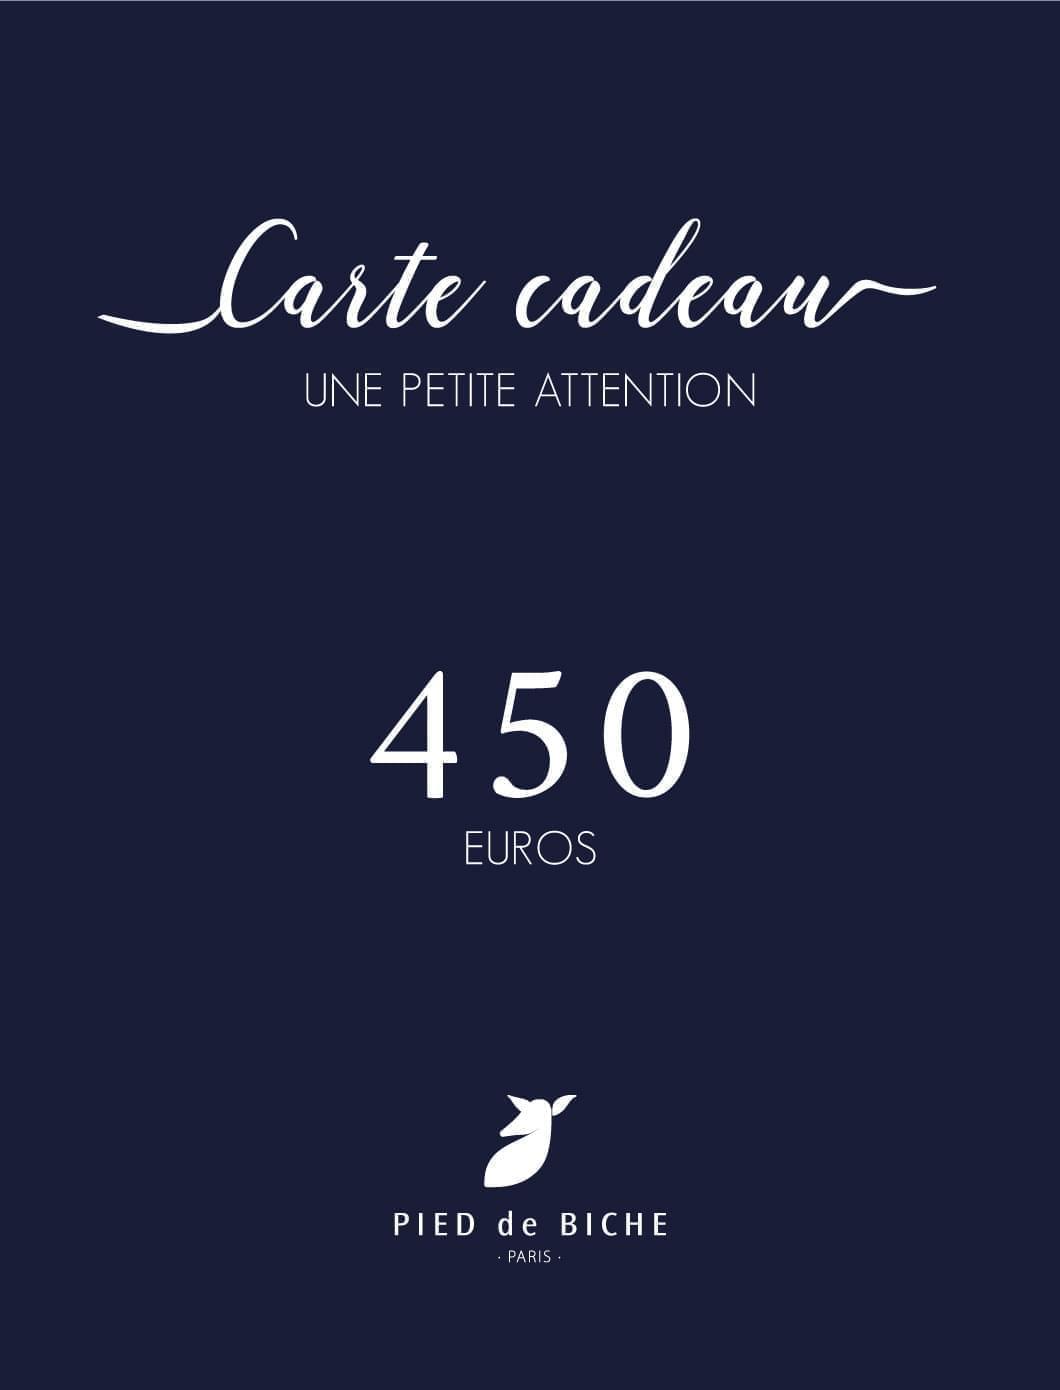 Carte cadeau 450 euros